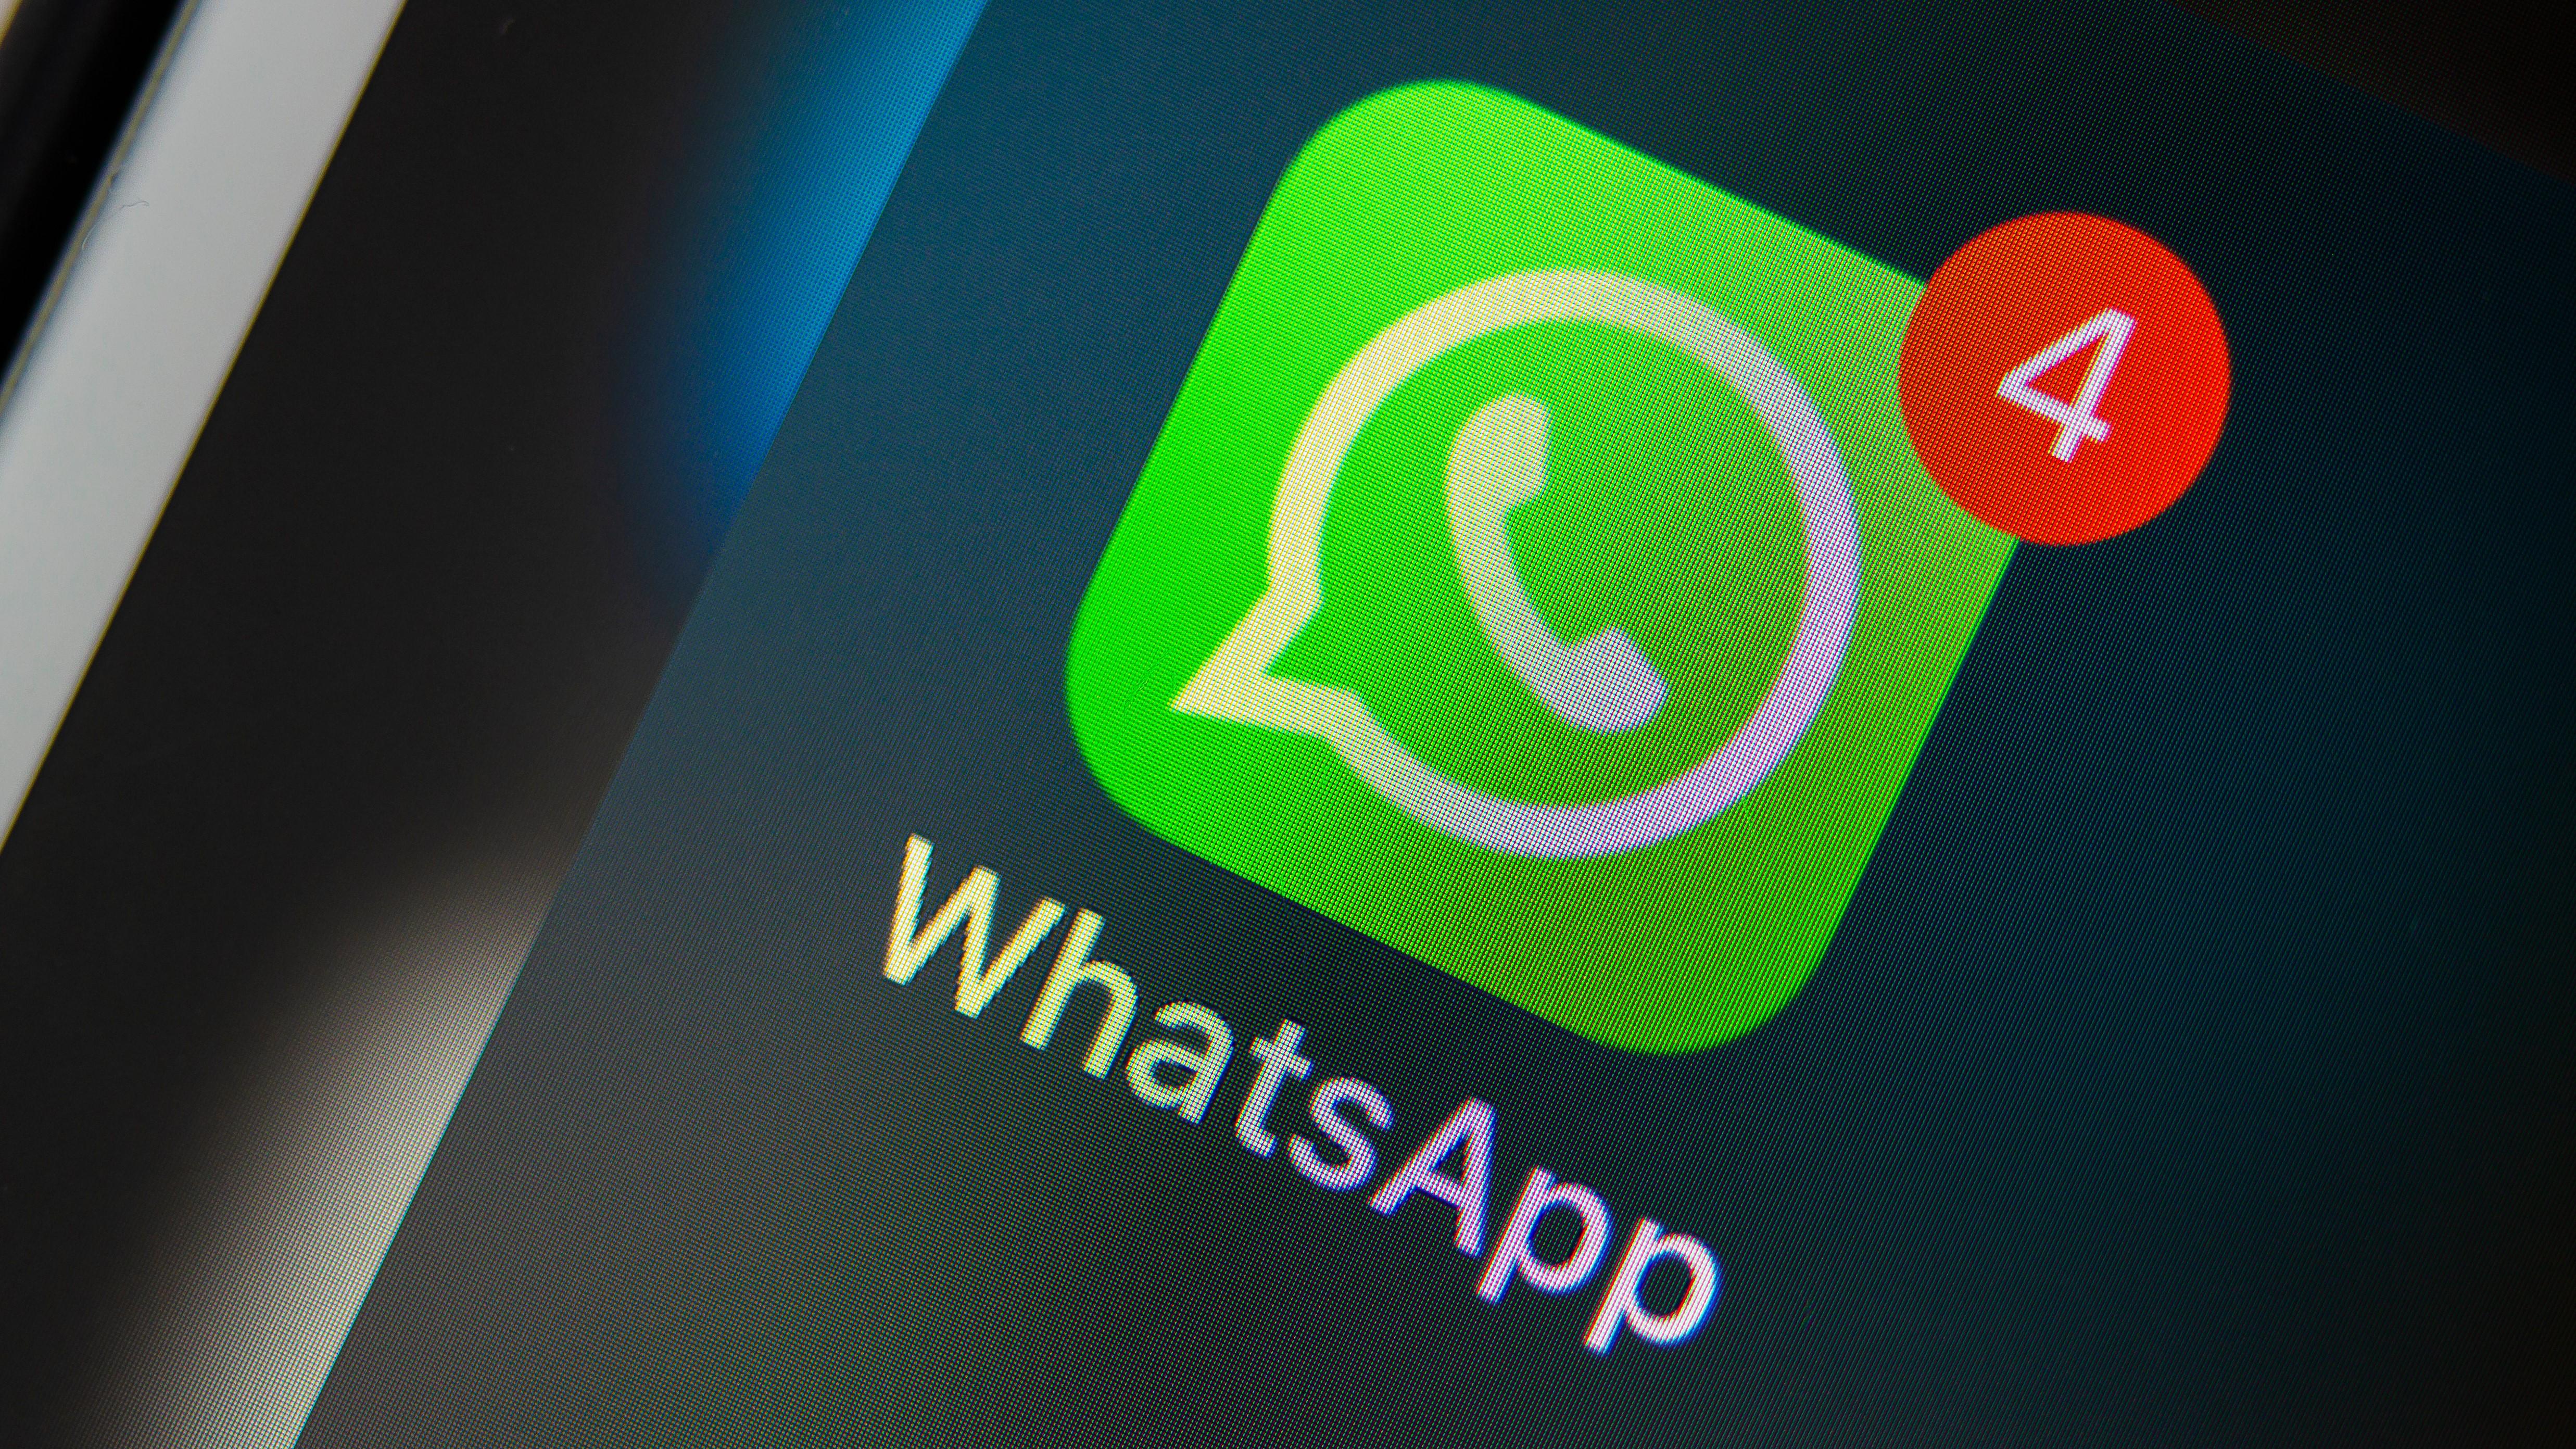 App whatsapp online stalker Double